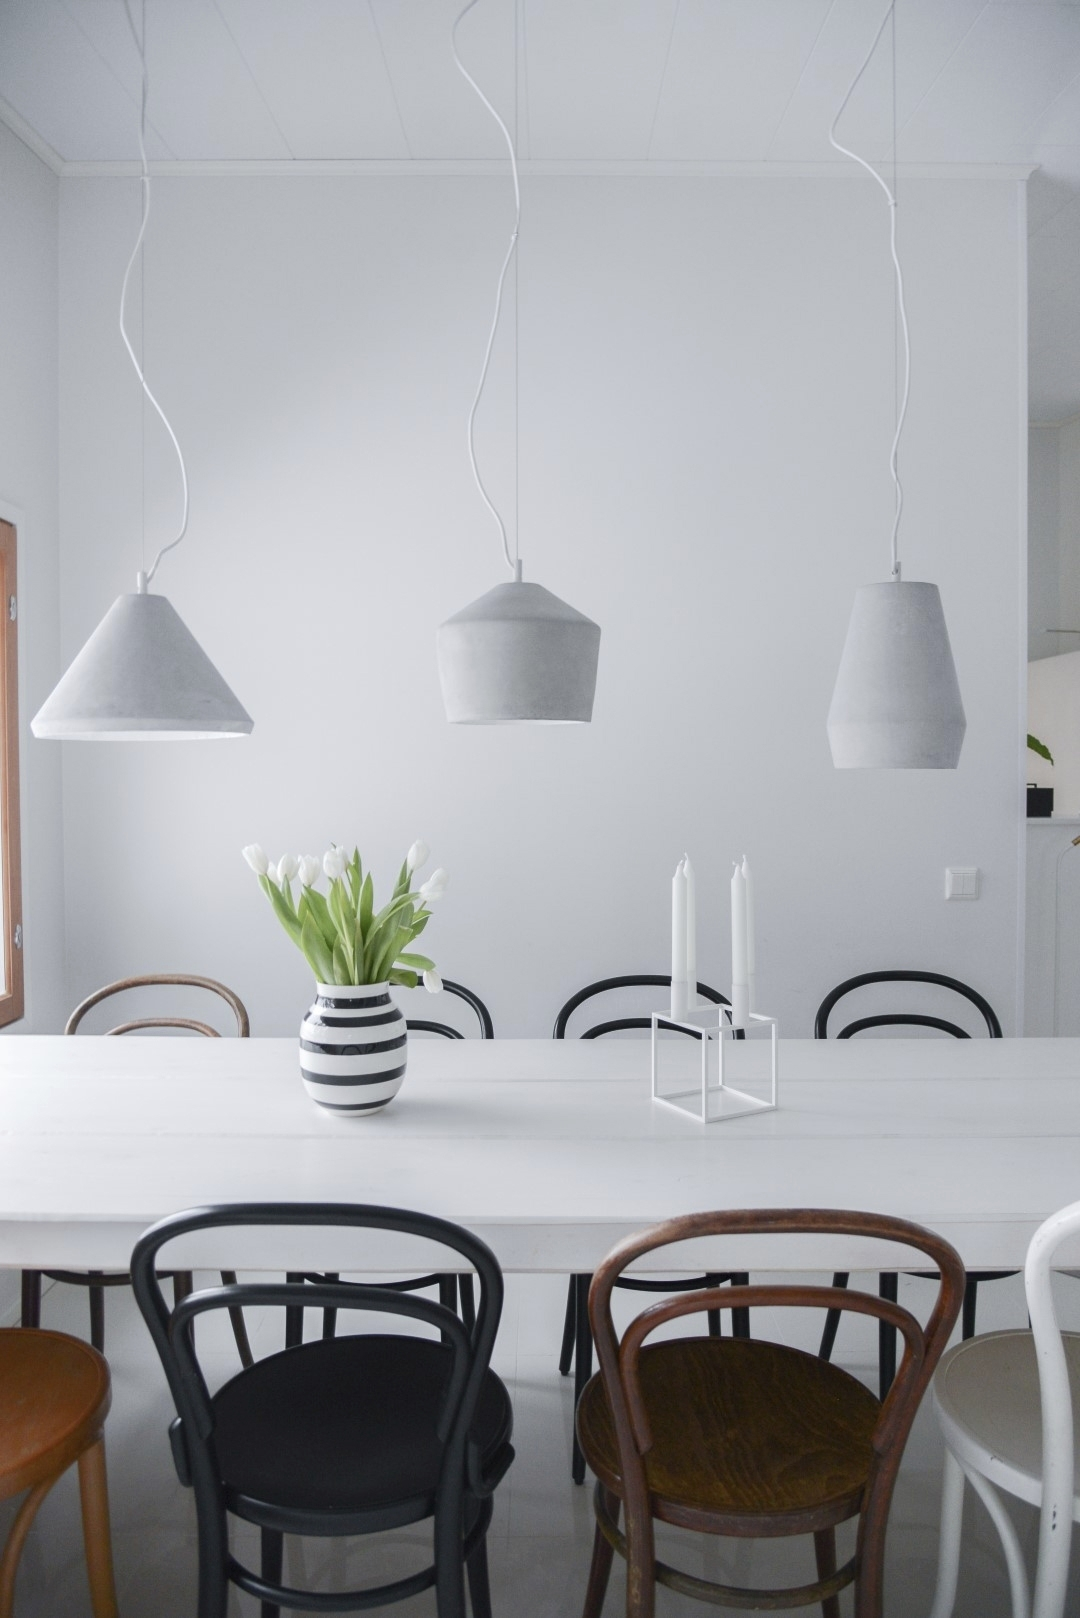 Ruokapöydän valaistus: hienouksia ja vinkkejä. Täydellinen valo keittiöön, mikä se on? Ammatilliset vinkit